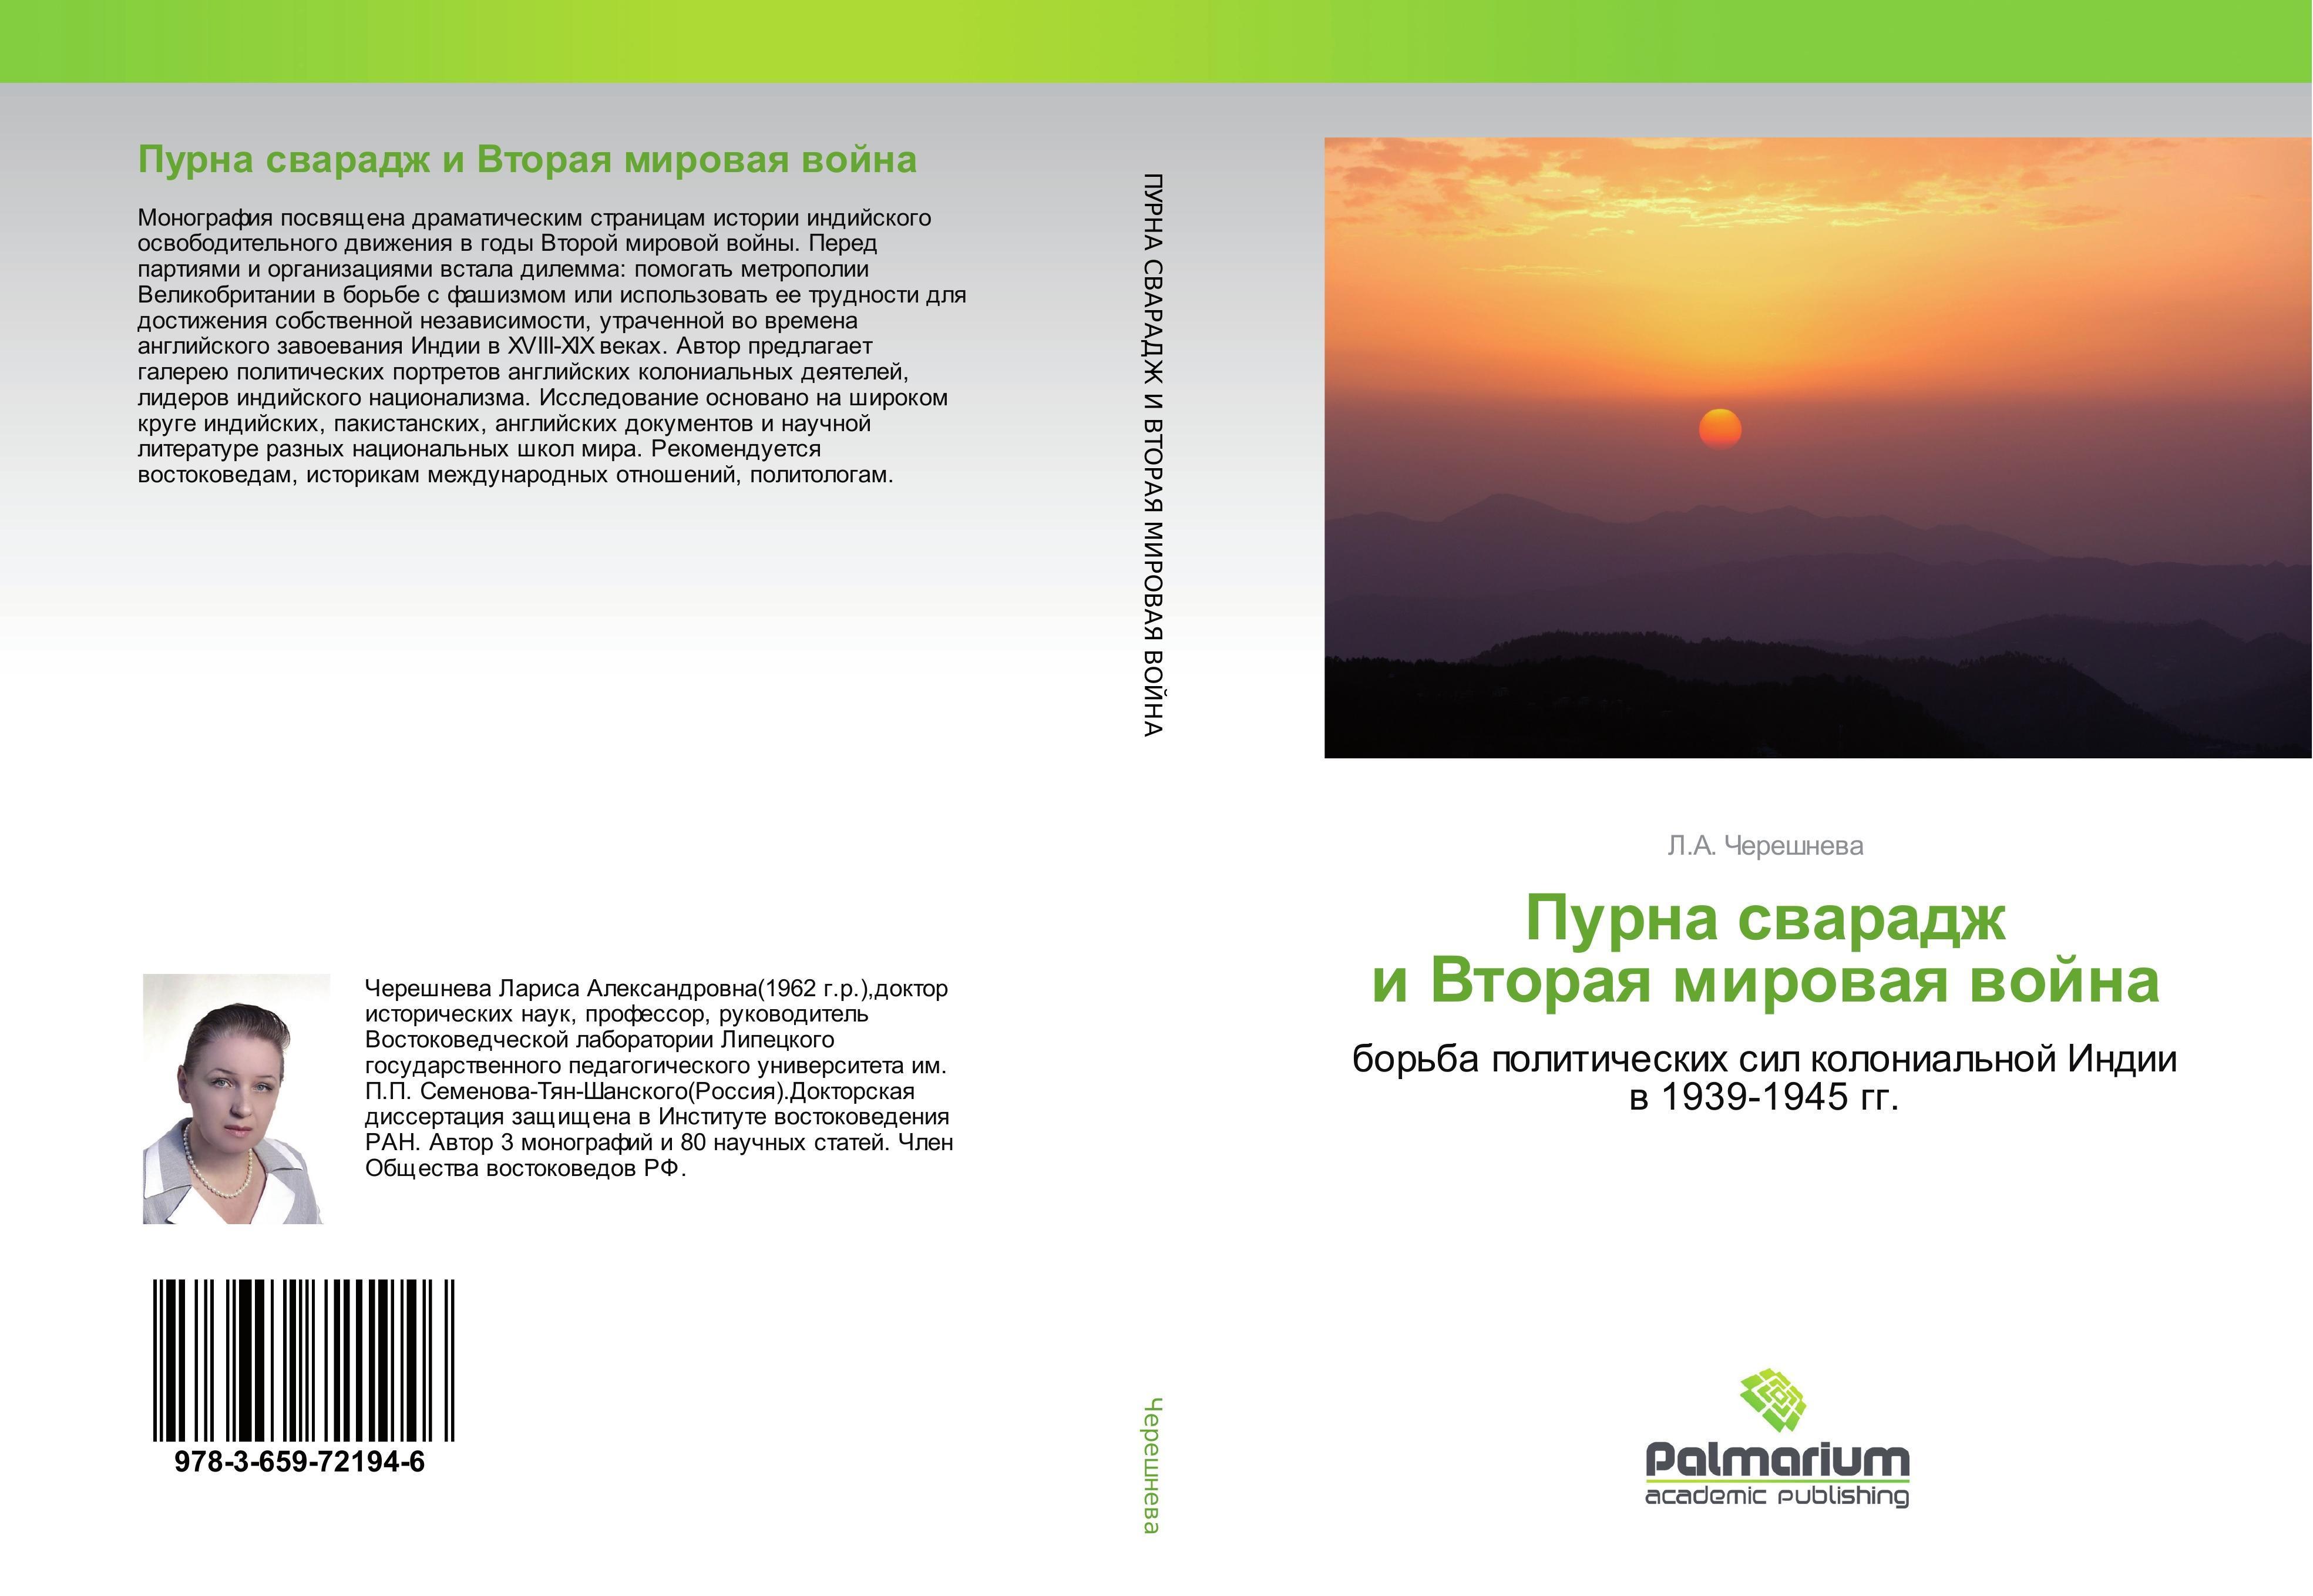 L. A. Chereshneva / Purna svaradzh i Vtoraya mirovaya vojna 9783659721946